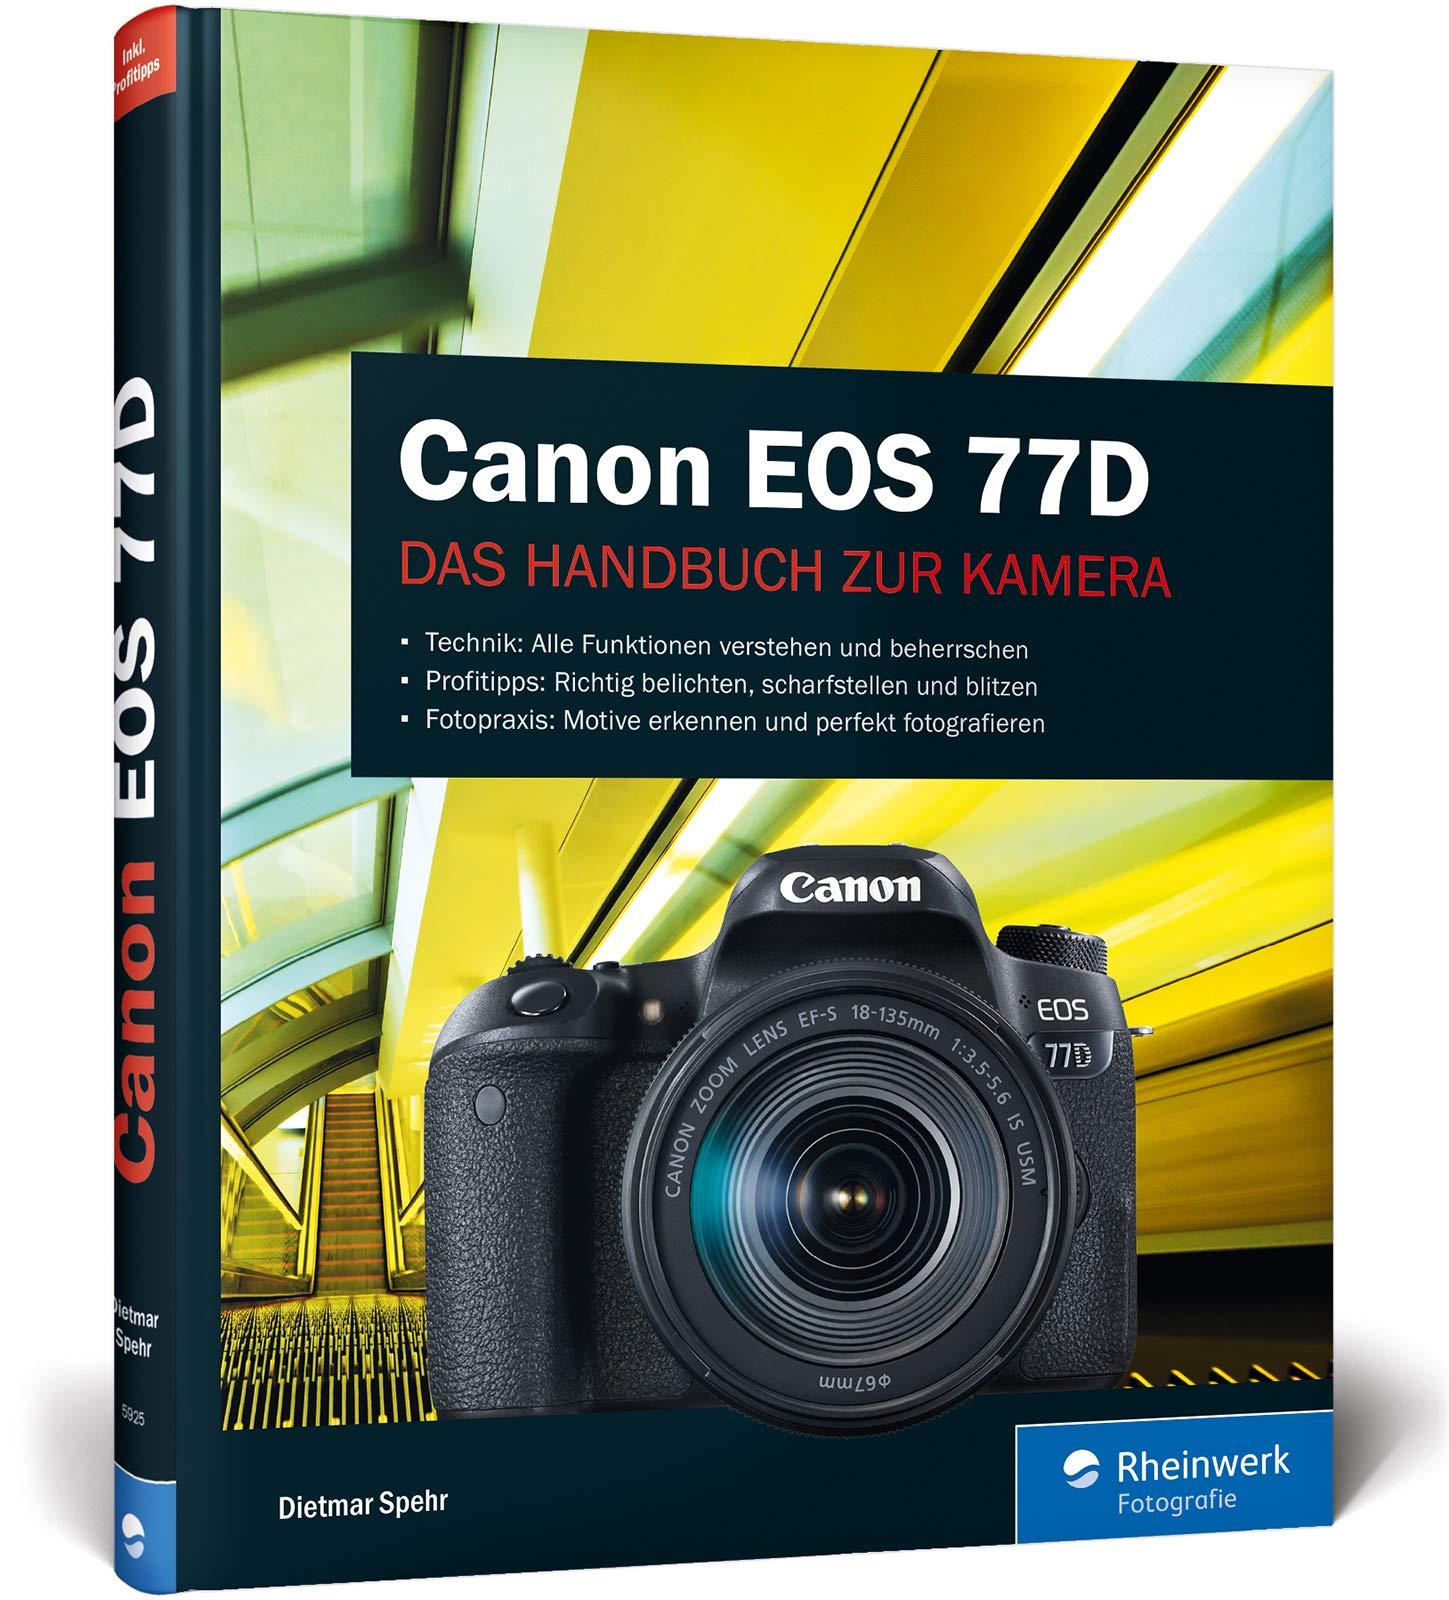 Canon Eos 77d Praxiswissen Und Expertentipps Zu Ihrer Kamera Spehr Dietmar Bücher